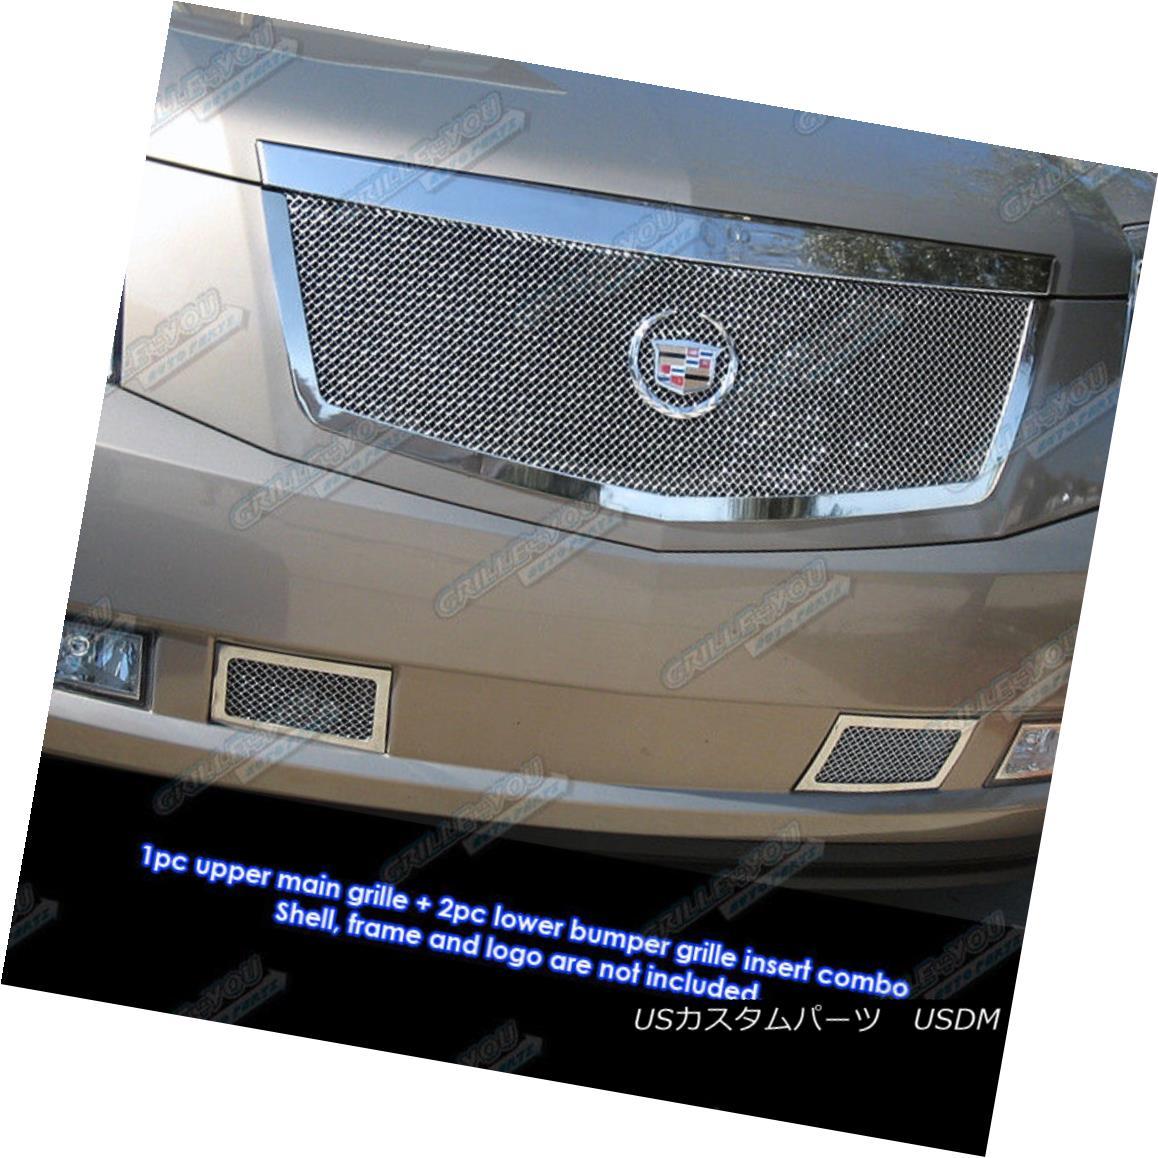 グリル Fits 2007-2014 Cadillac Escalade Stainless Steel Mesh Grille Grill Insert Combo フィット2007-2014キャデラックエスカレードステンレスメッシュグリルグリルインサートコンボ